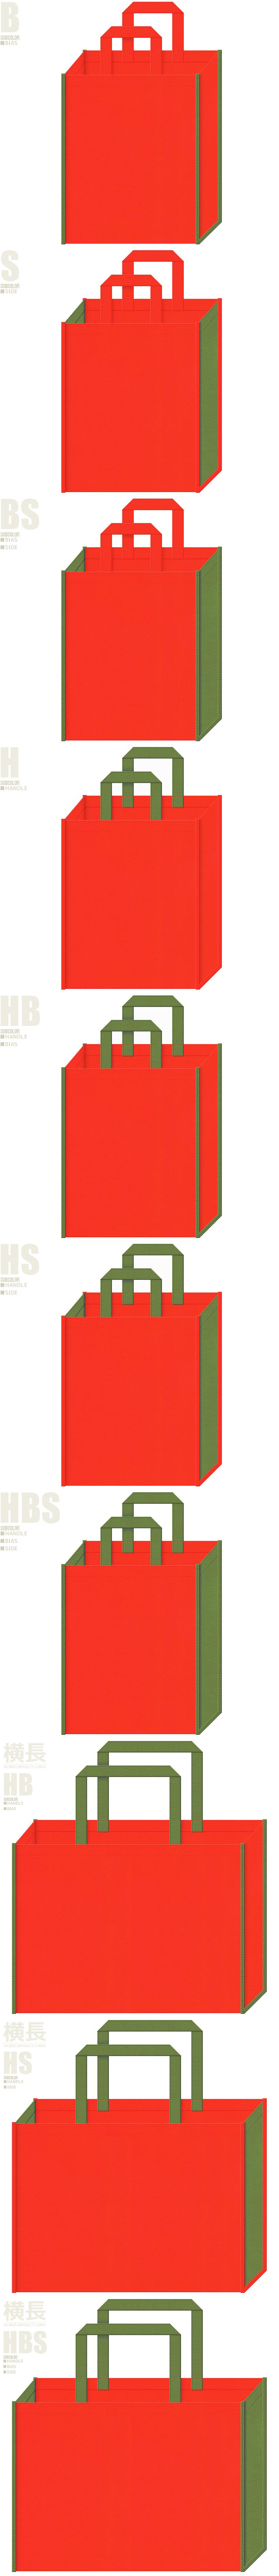 柿・干し柿の販促ノベルティにお奨めの不織布バッグデザイン:オレンジ色と草色の配色7パターン